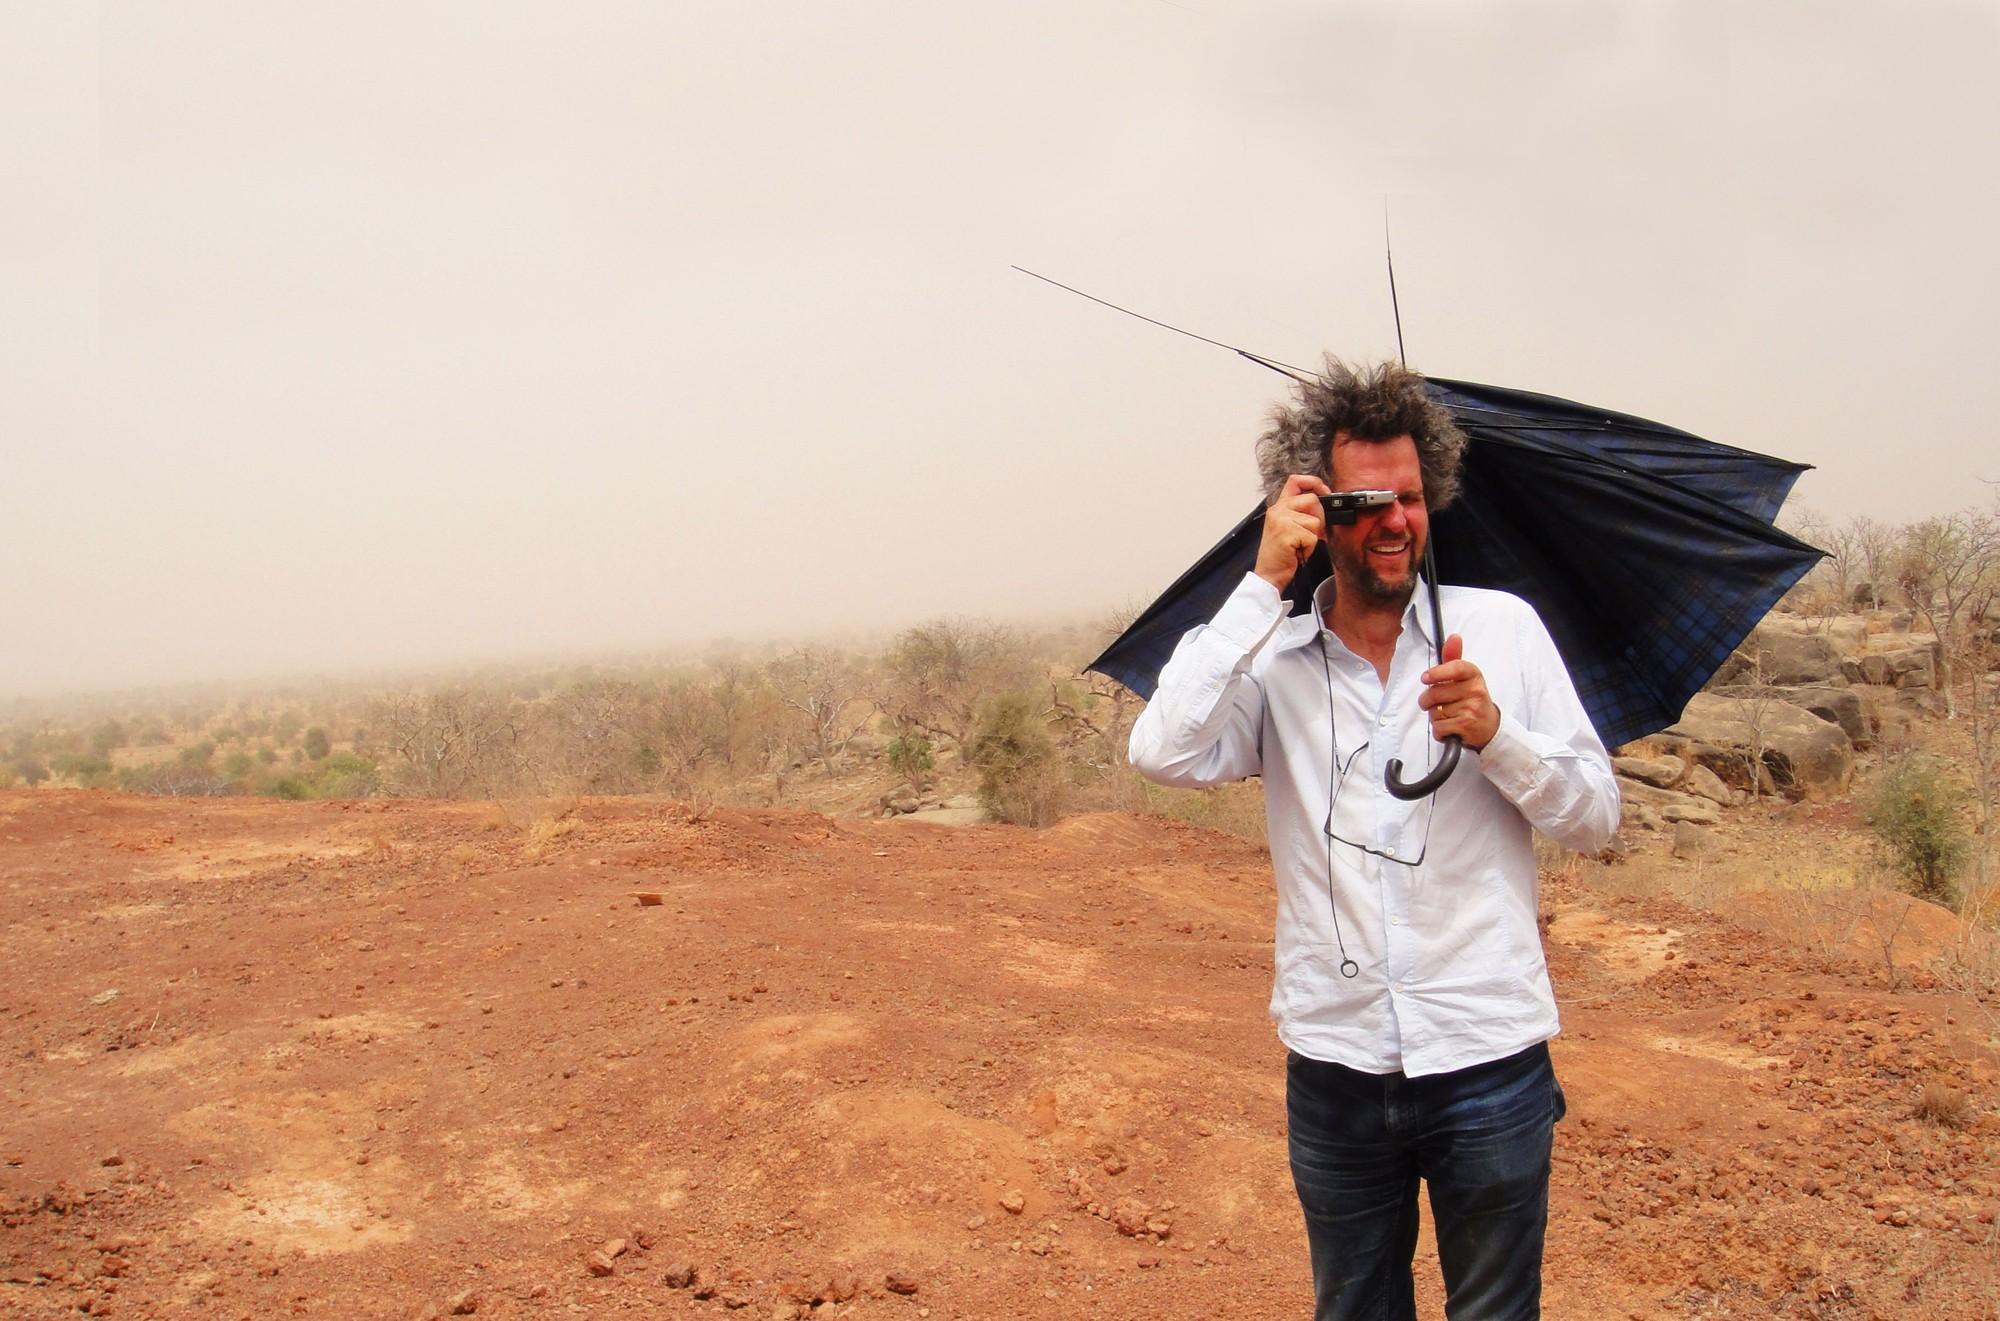 """Cine y Arquitectura: Especial Arqfilmfest 2013 [Parte 2],  """"El Crujido del Tiempo"""" / Sybille Dahrendorf. Imagen Vía Operndorf Afrika News"""